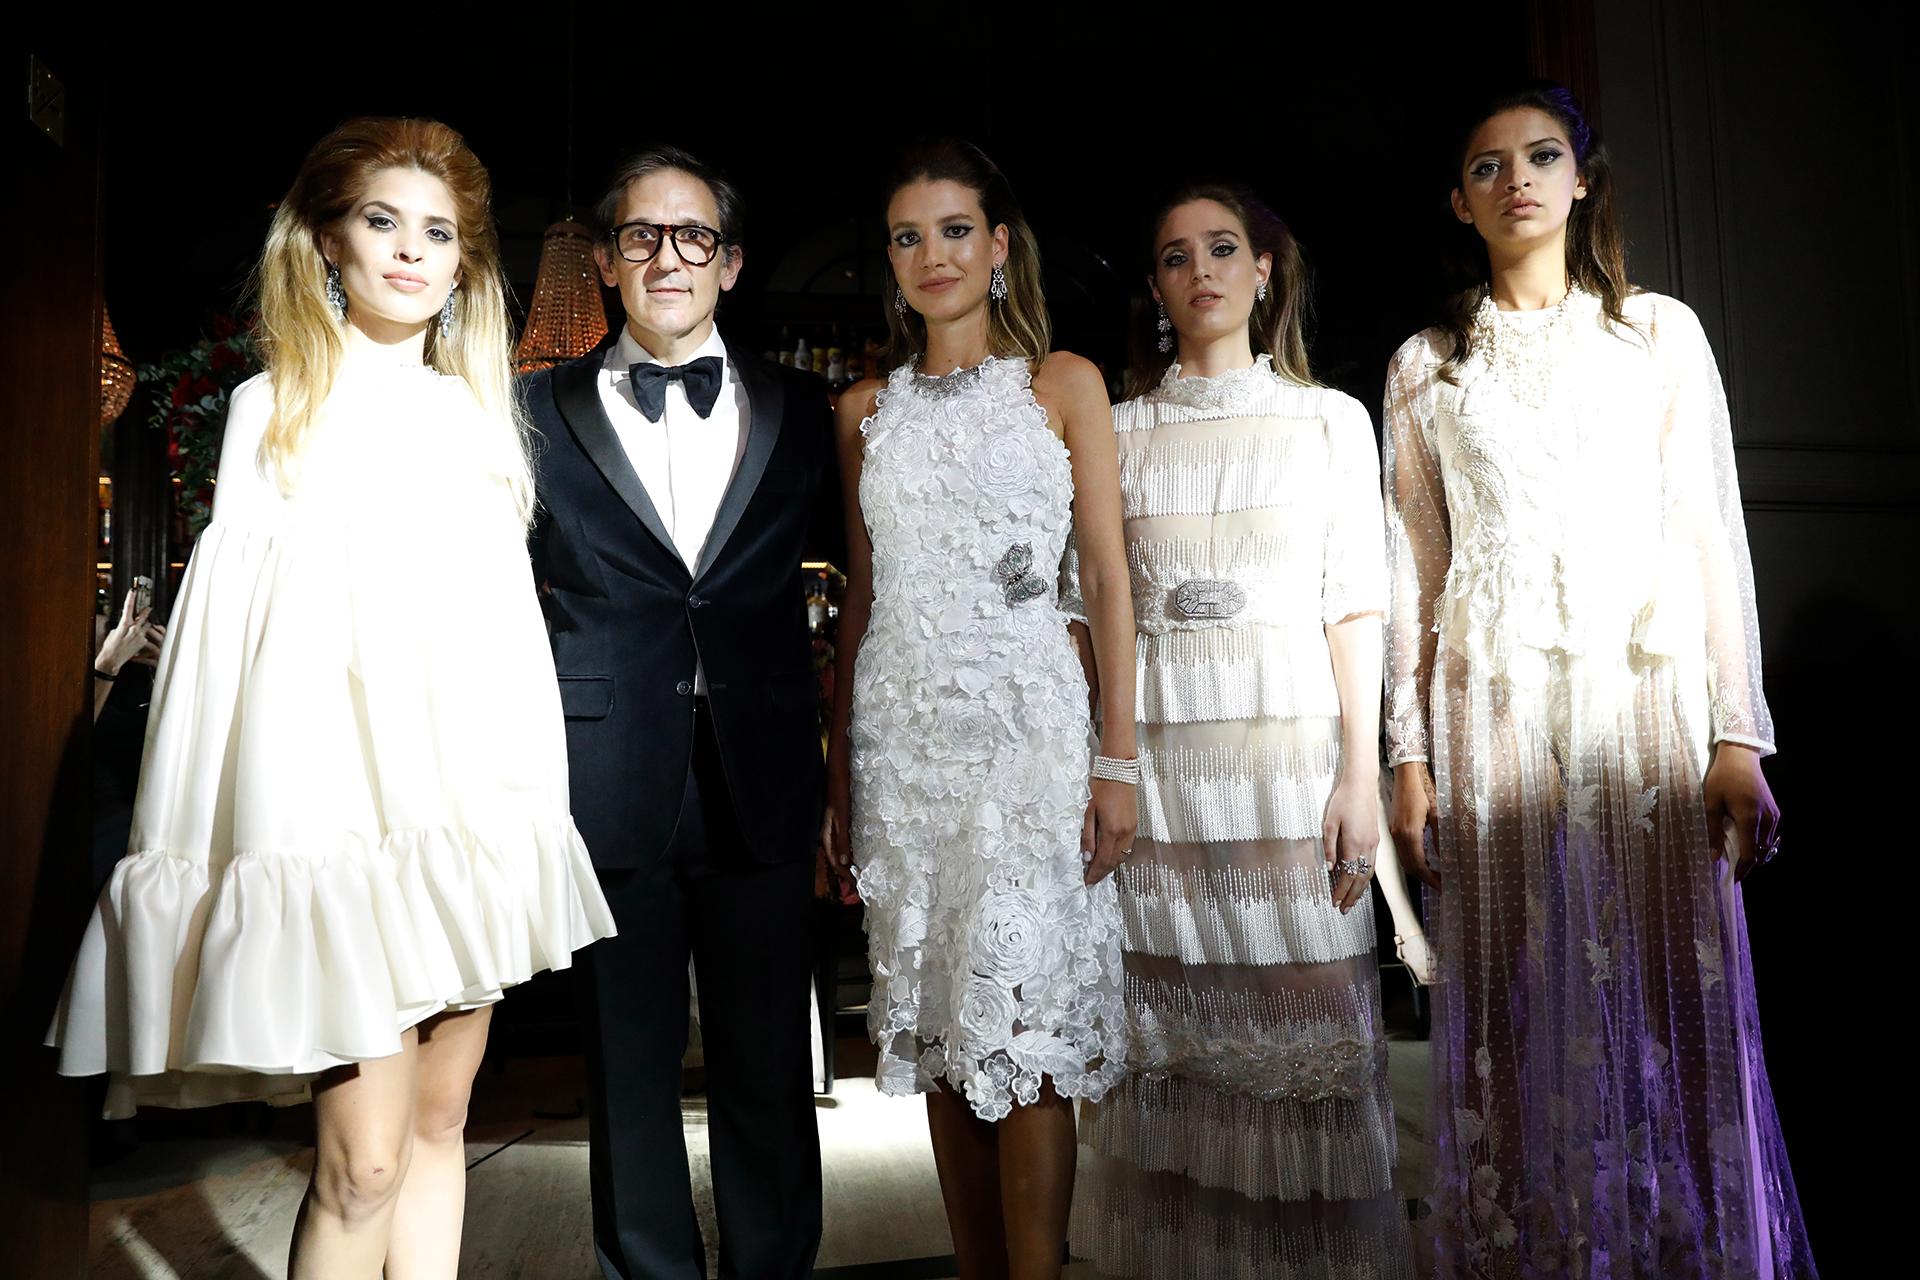 El diseñador Adrián Brown con las modelos de su desfile en el Ciclo de Moda Fashion Insider (Chule Valerga / Teleshow)